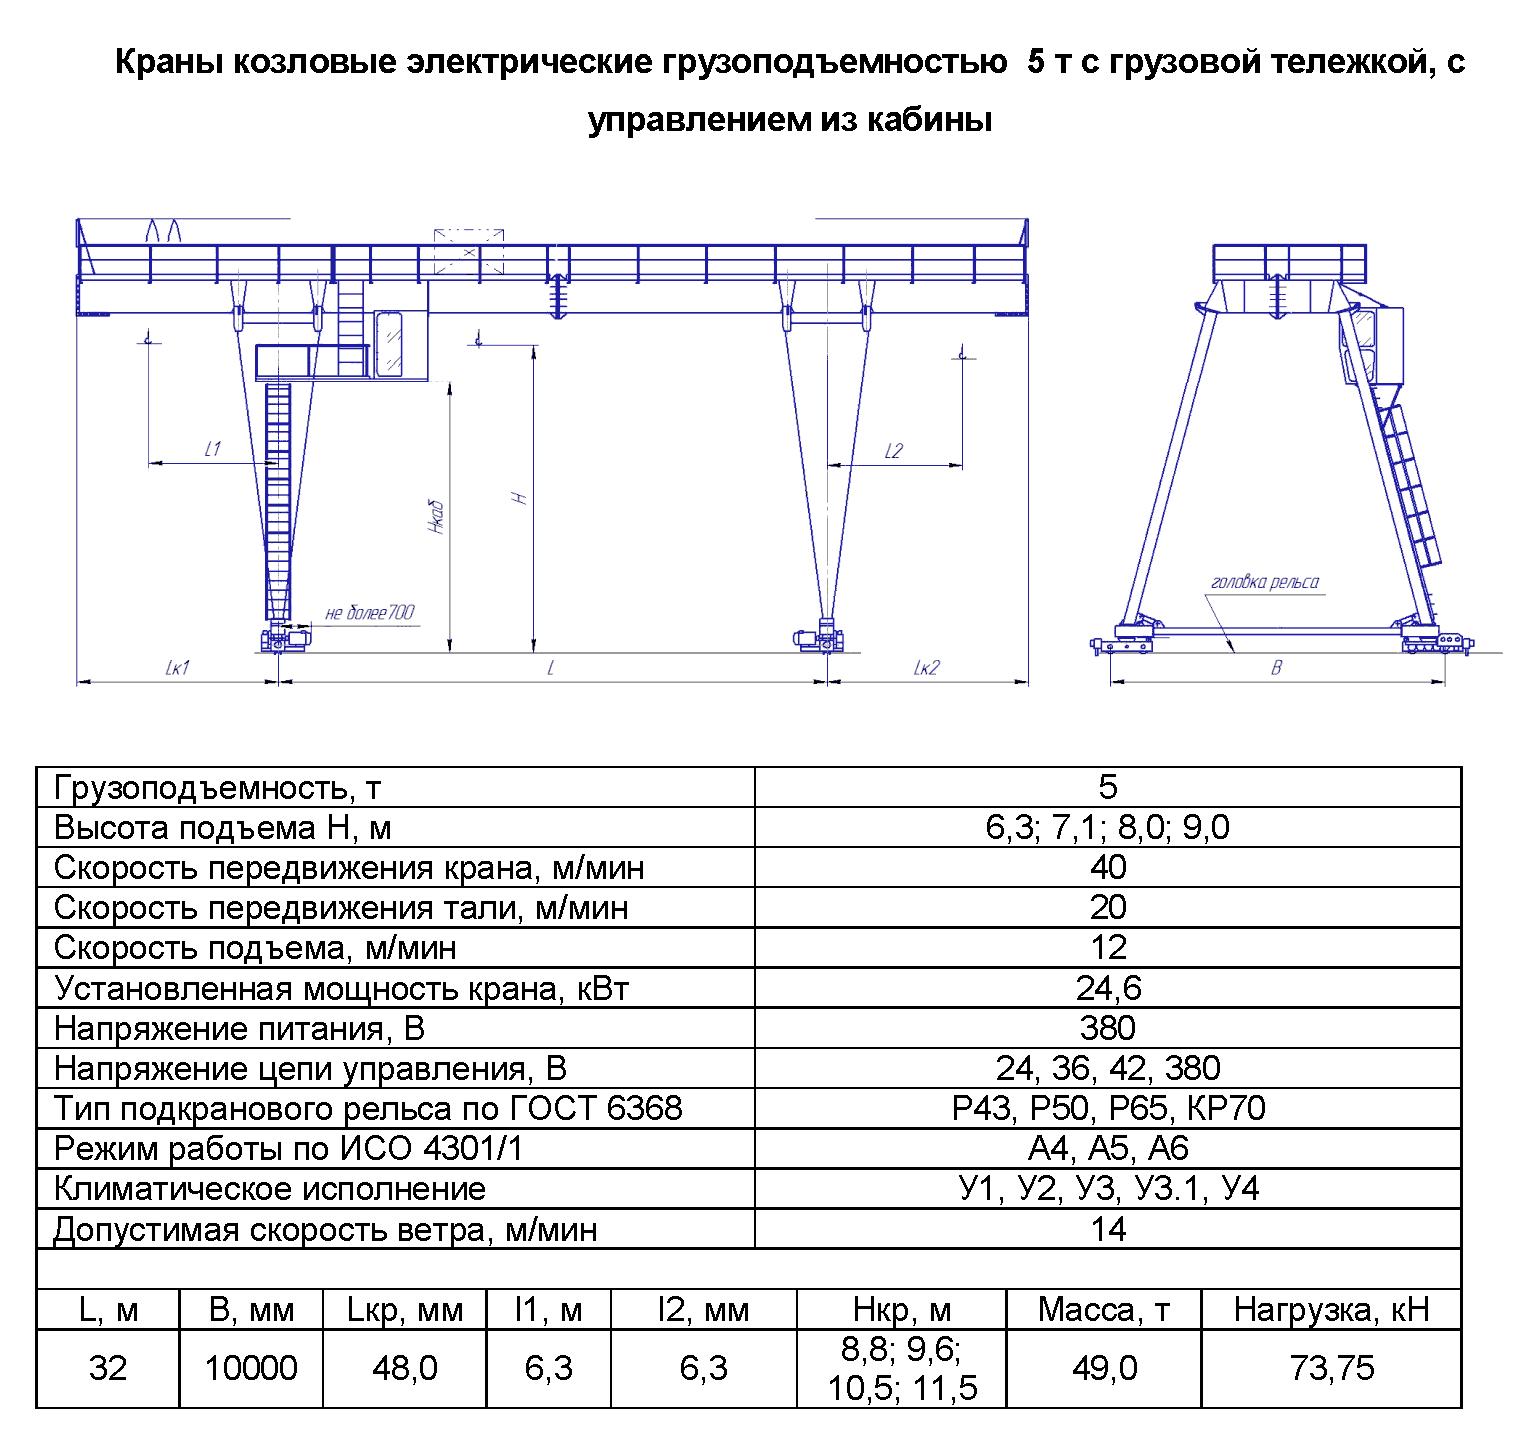 KKD 5 320 - Кран козловой электрический двухбалочный